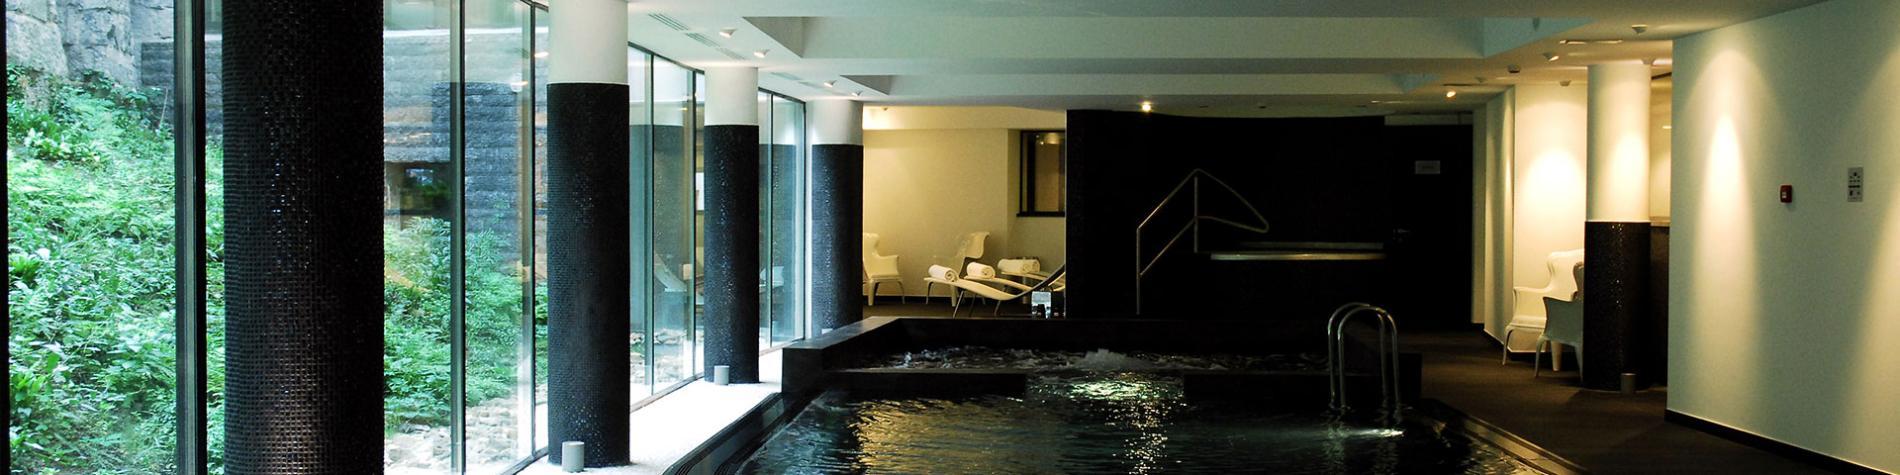 Osmose® - espace bien-être - Van der Valk Hotel Sélys - Liège